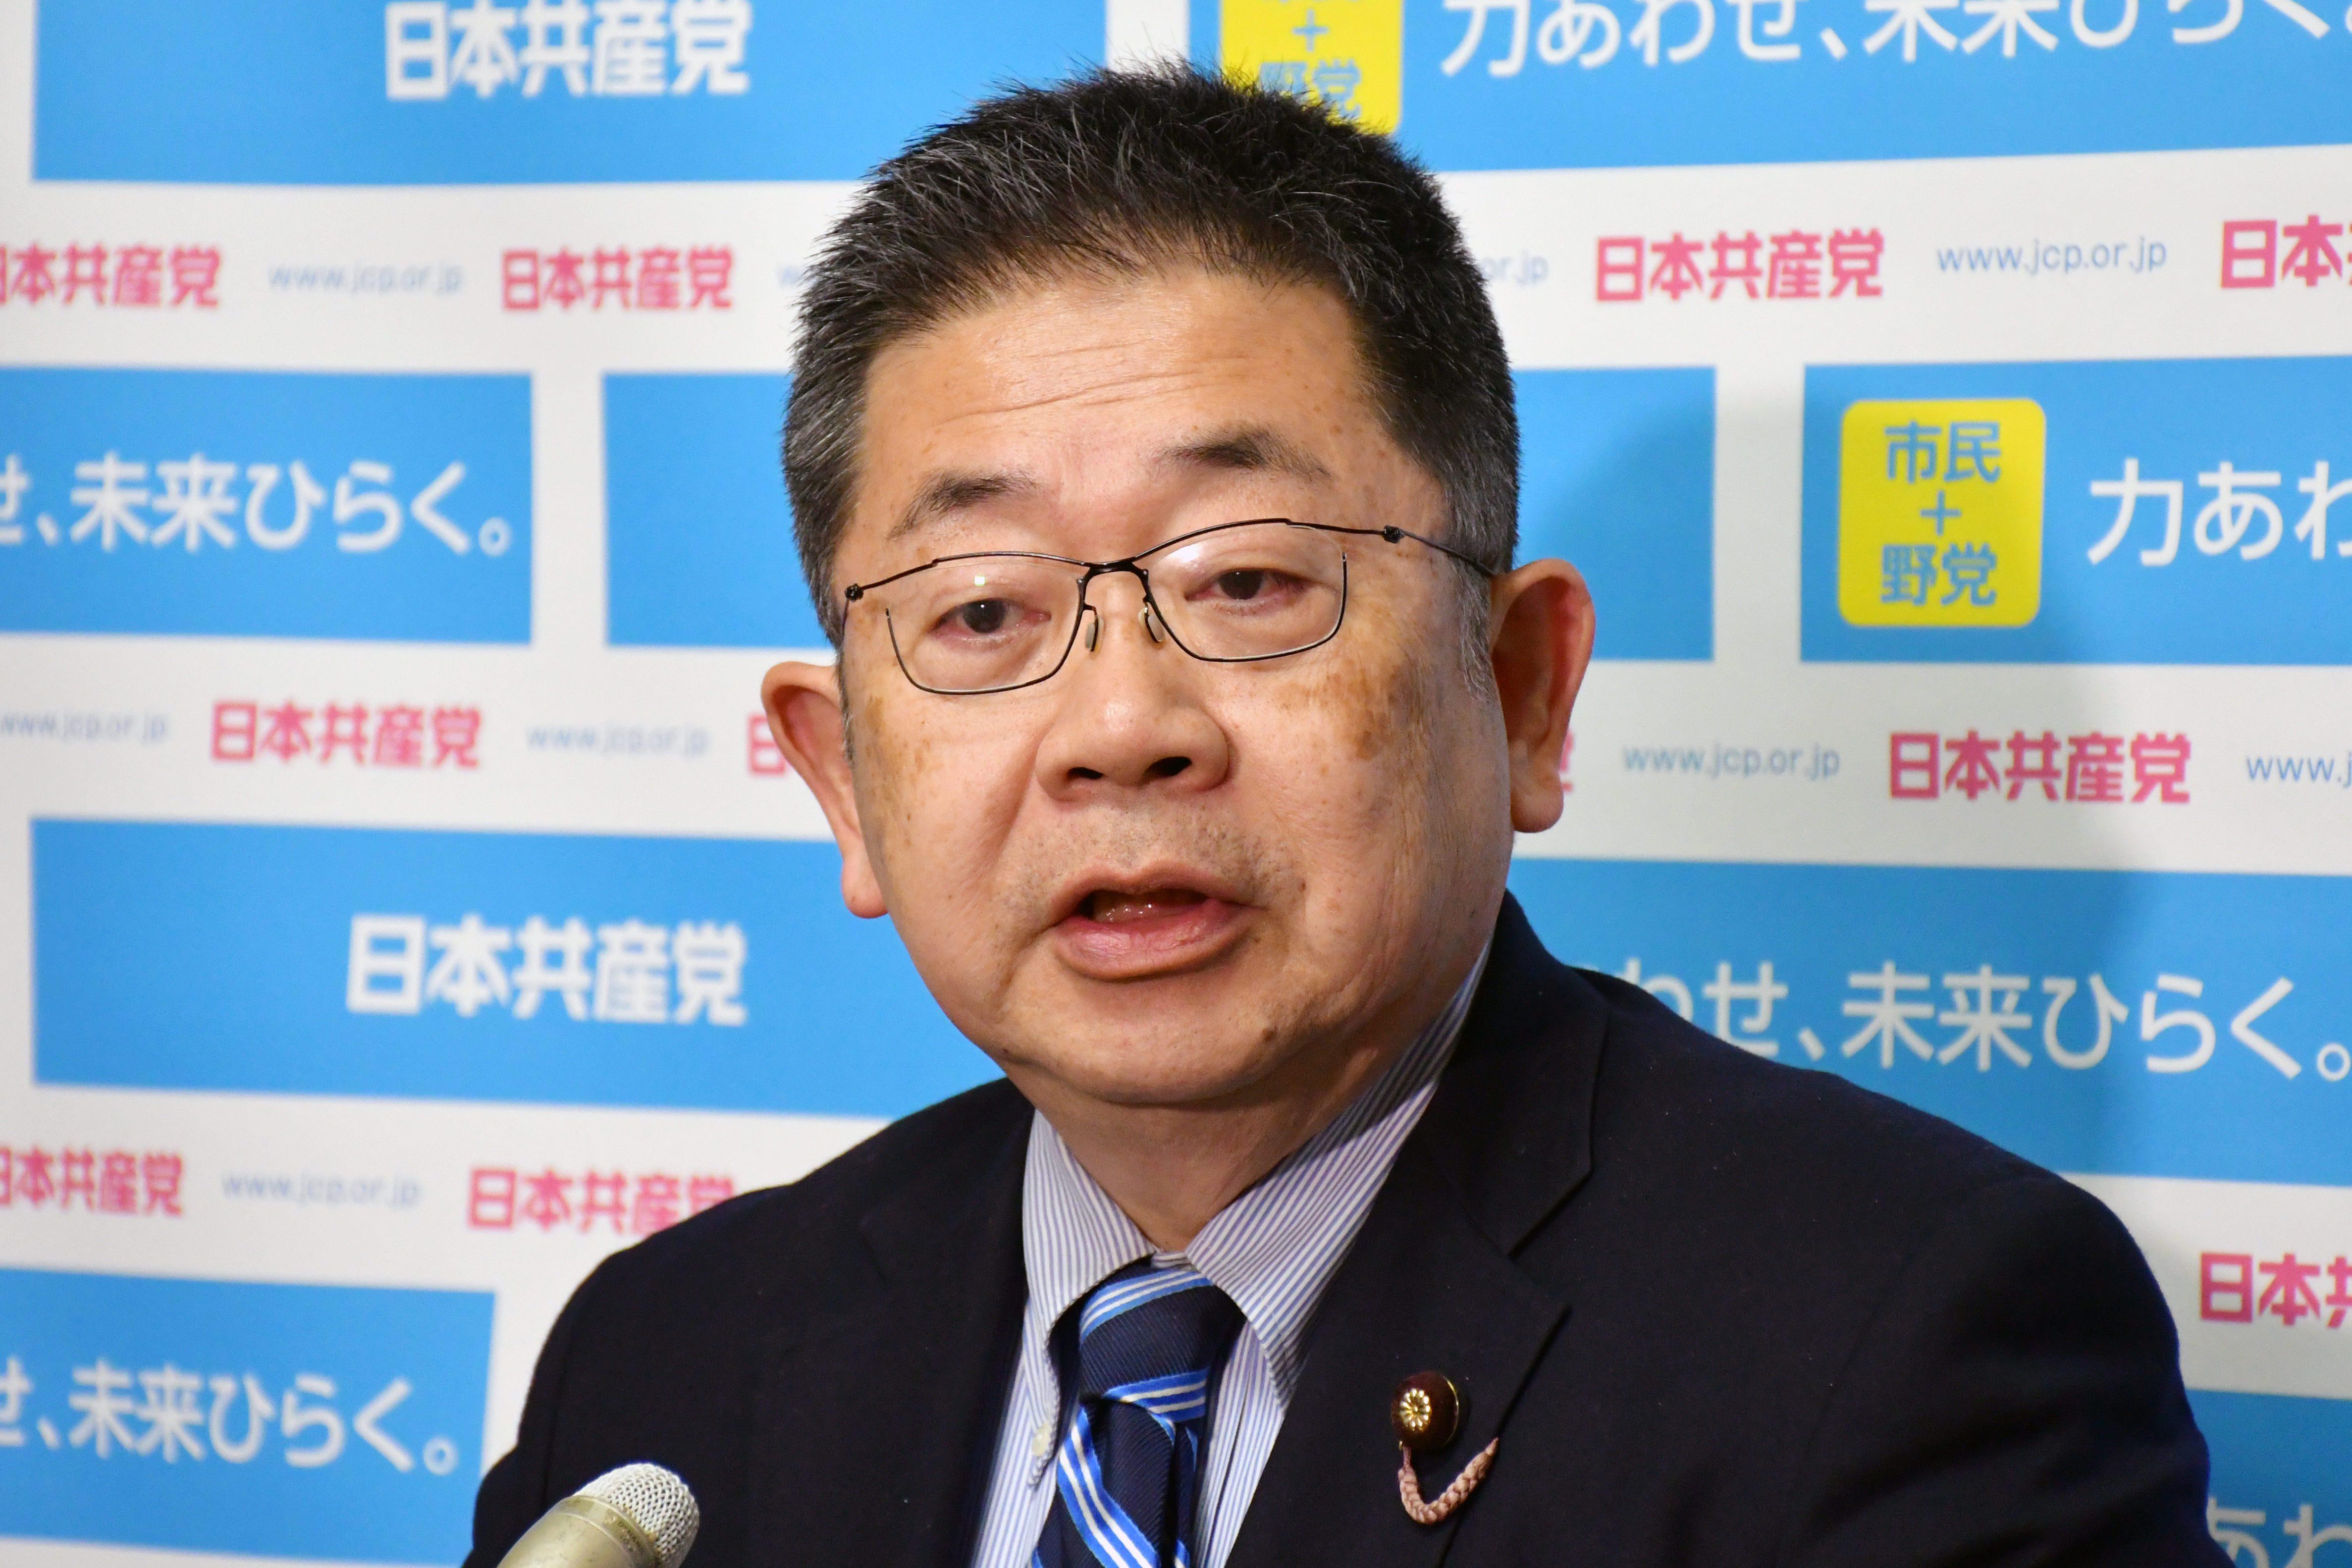 日本共産党・小池晃